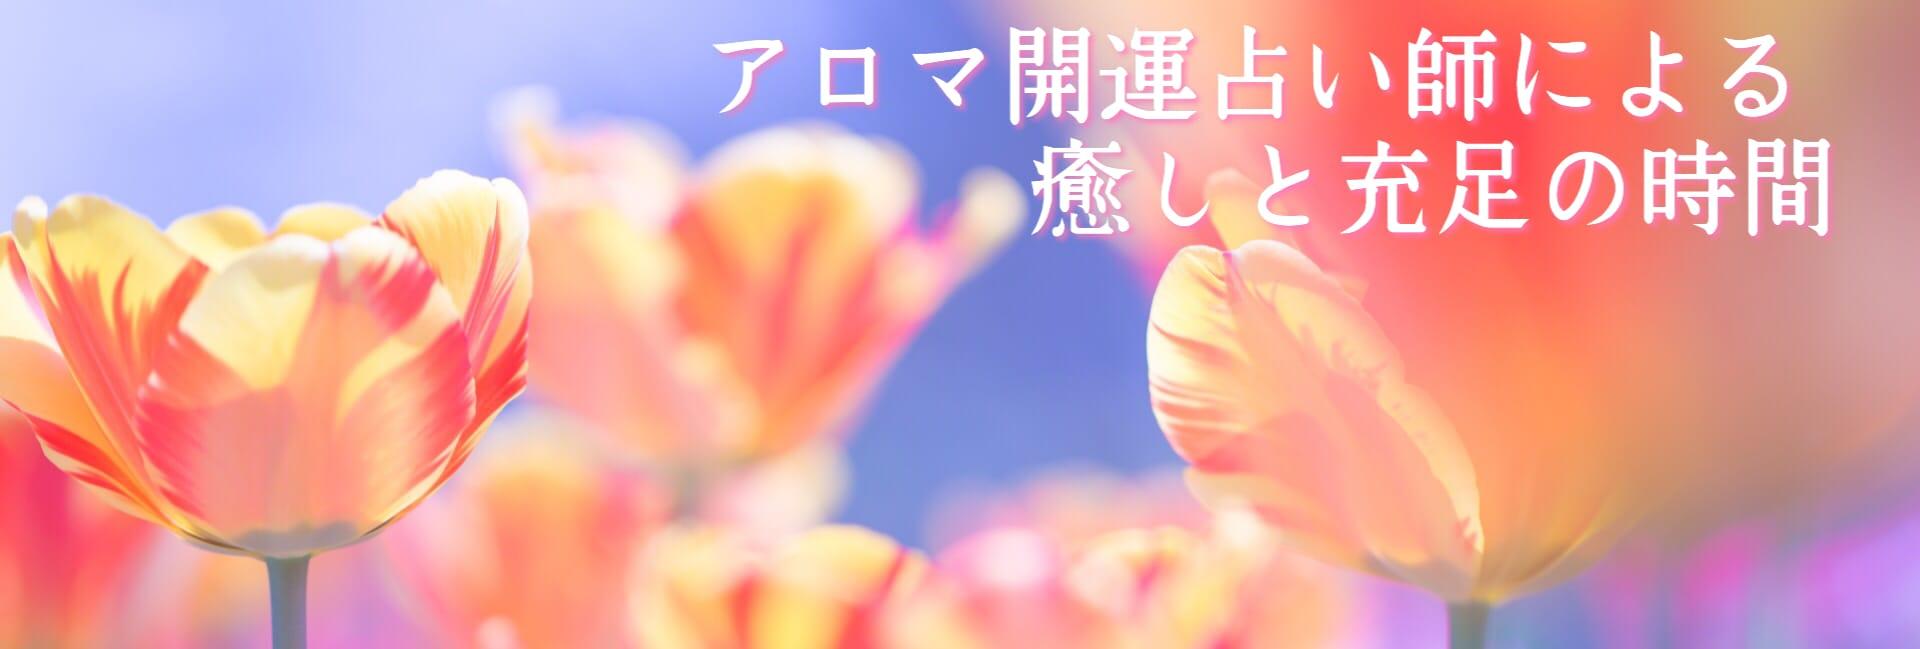 高松市☆占いフローラ・蓮虹の開運占い